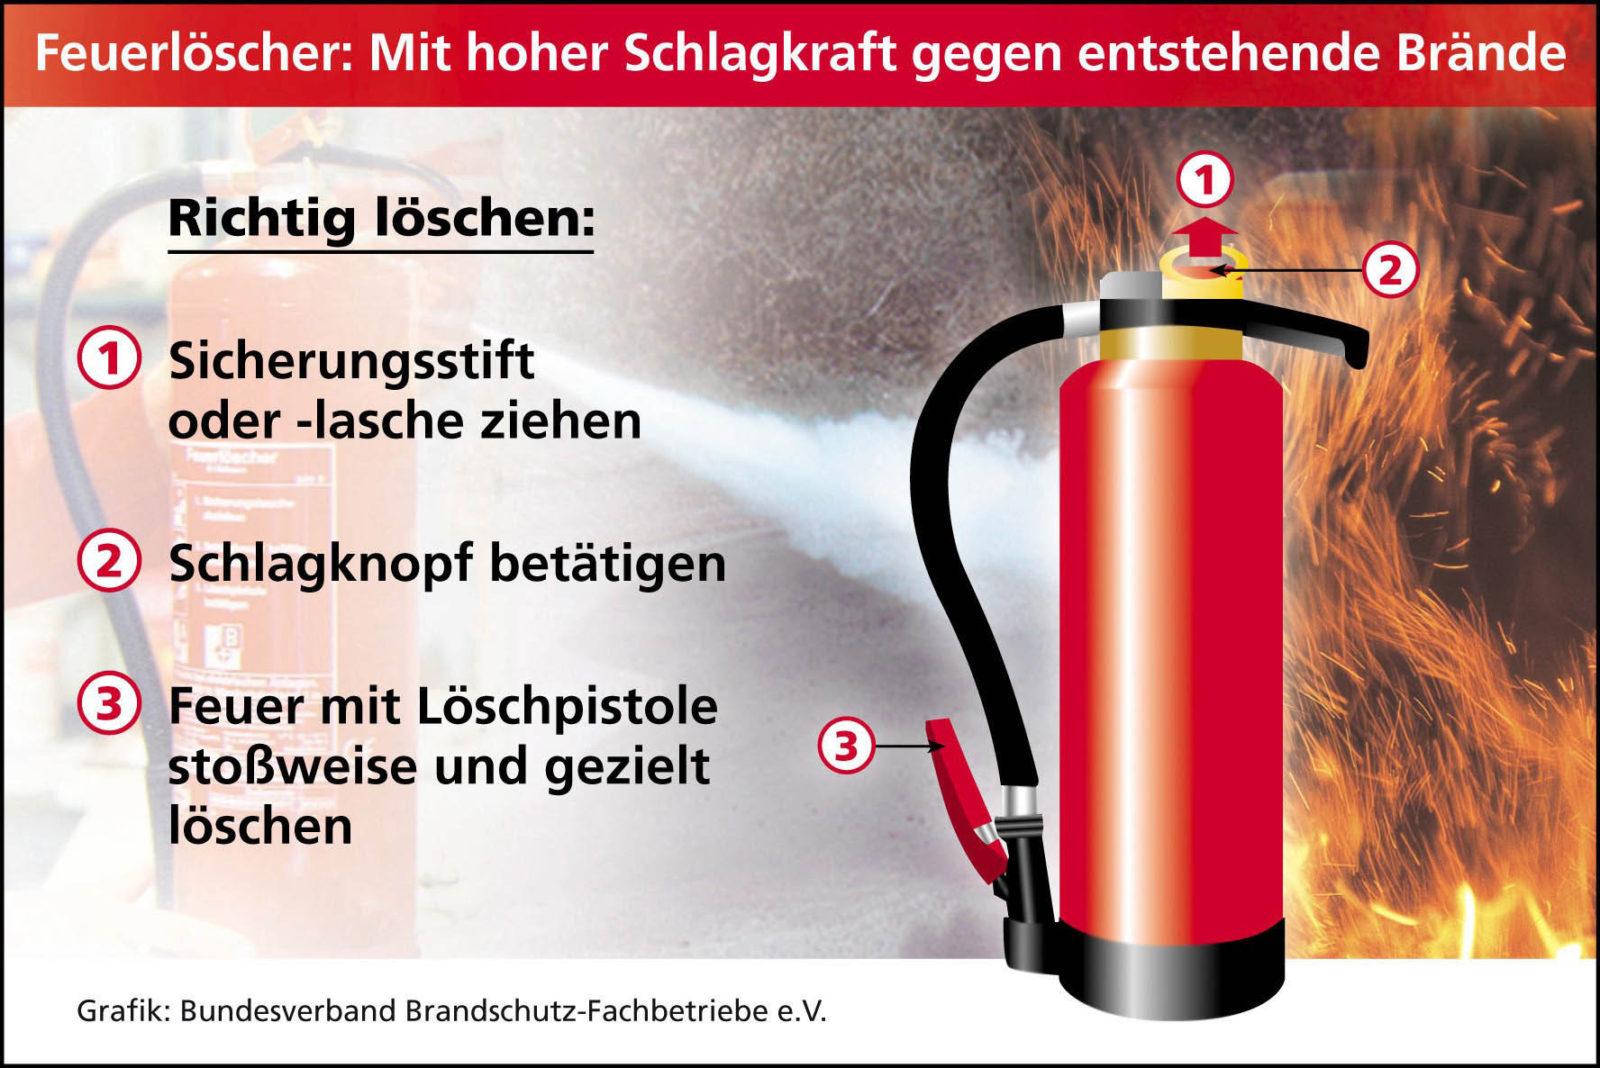 Quelle Bundesverband Brandschutz-Fachbetriebe eV_feuerloescher_Richtige Handhabung